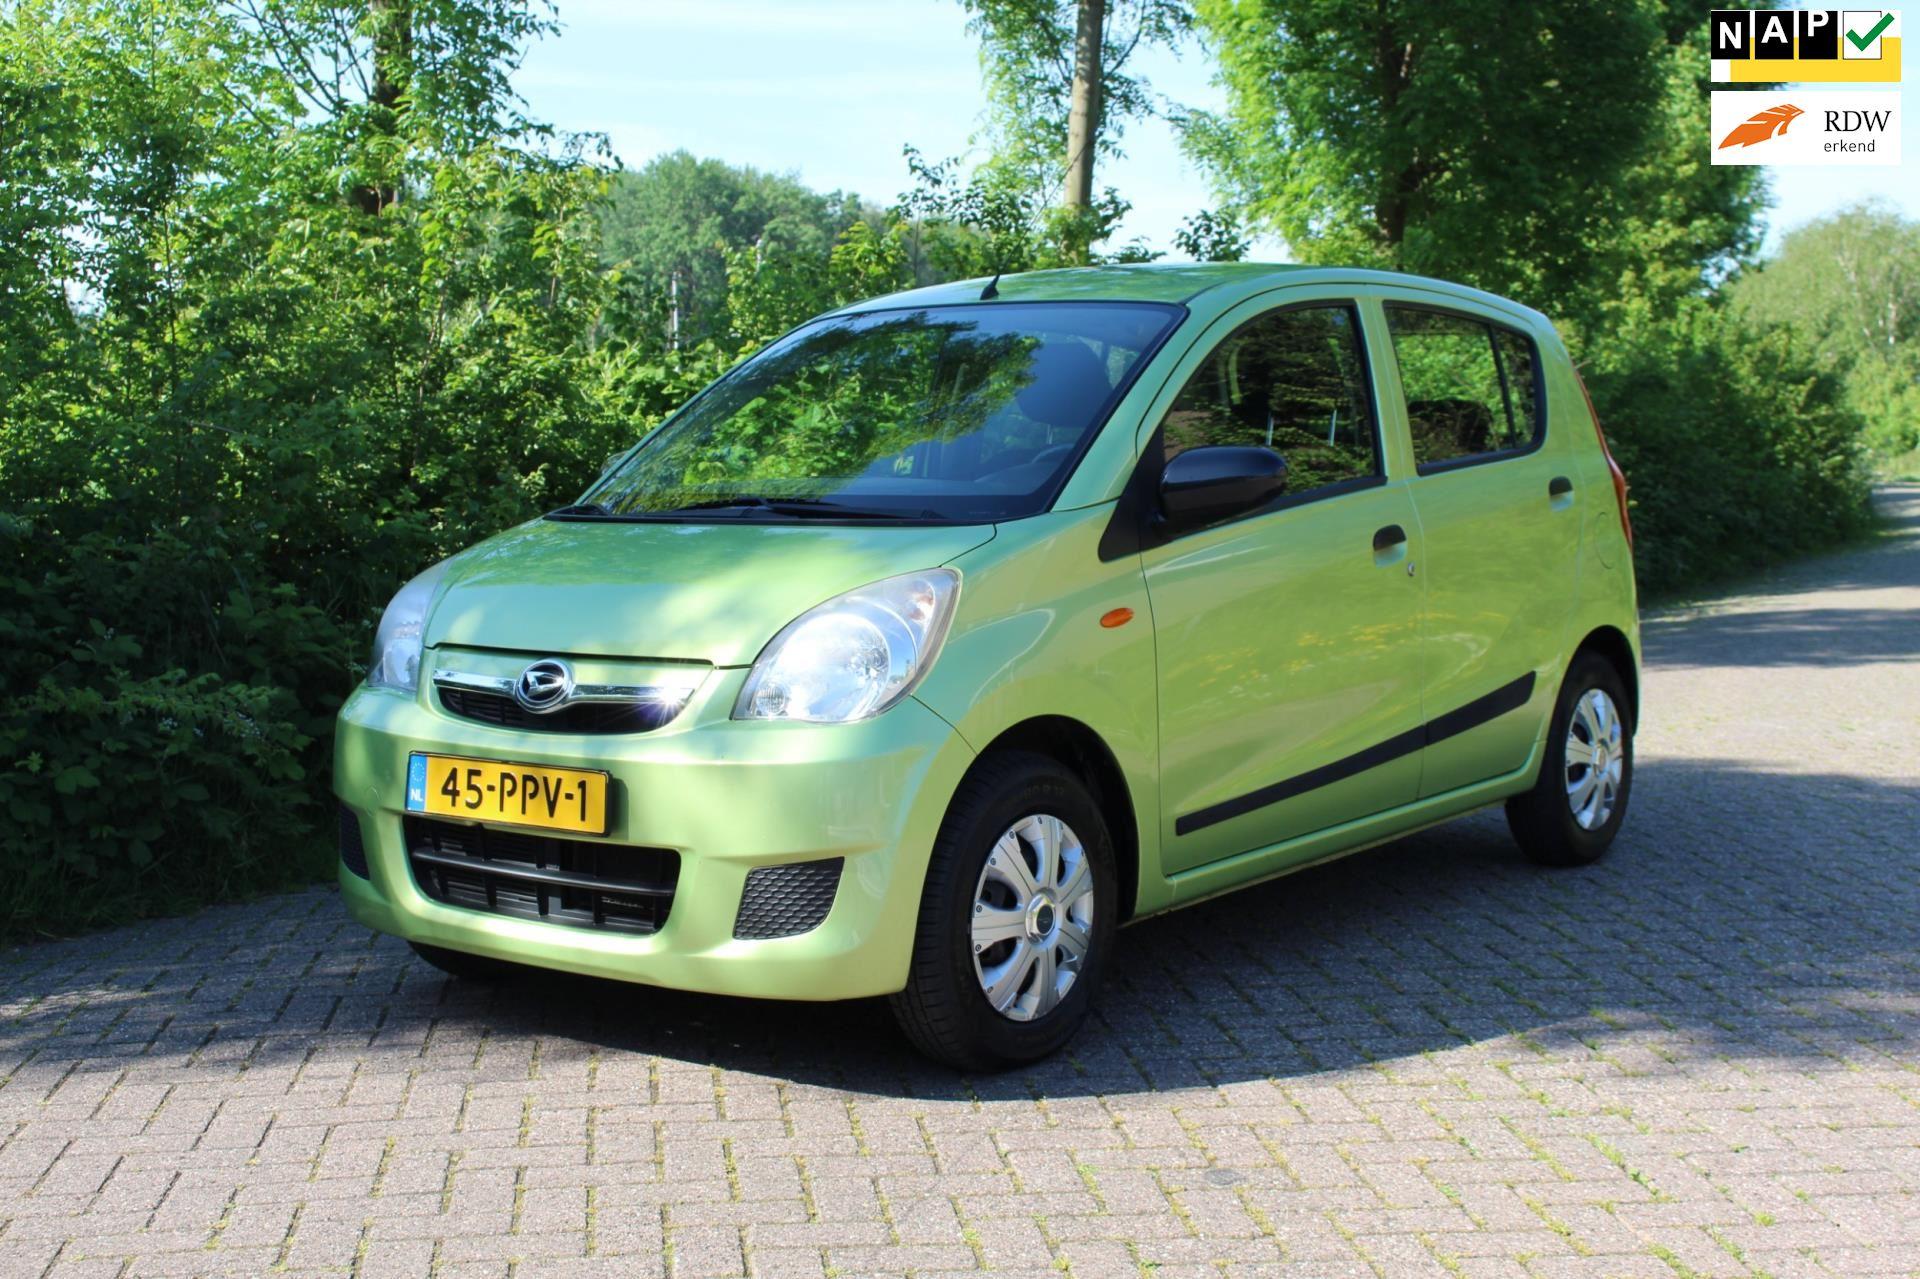 Daihatsu Cuore occasion - Van Vliet Auto's